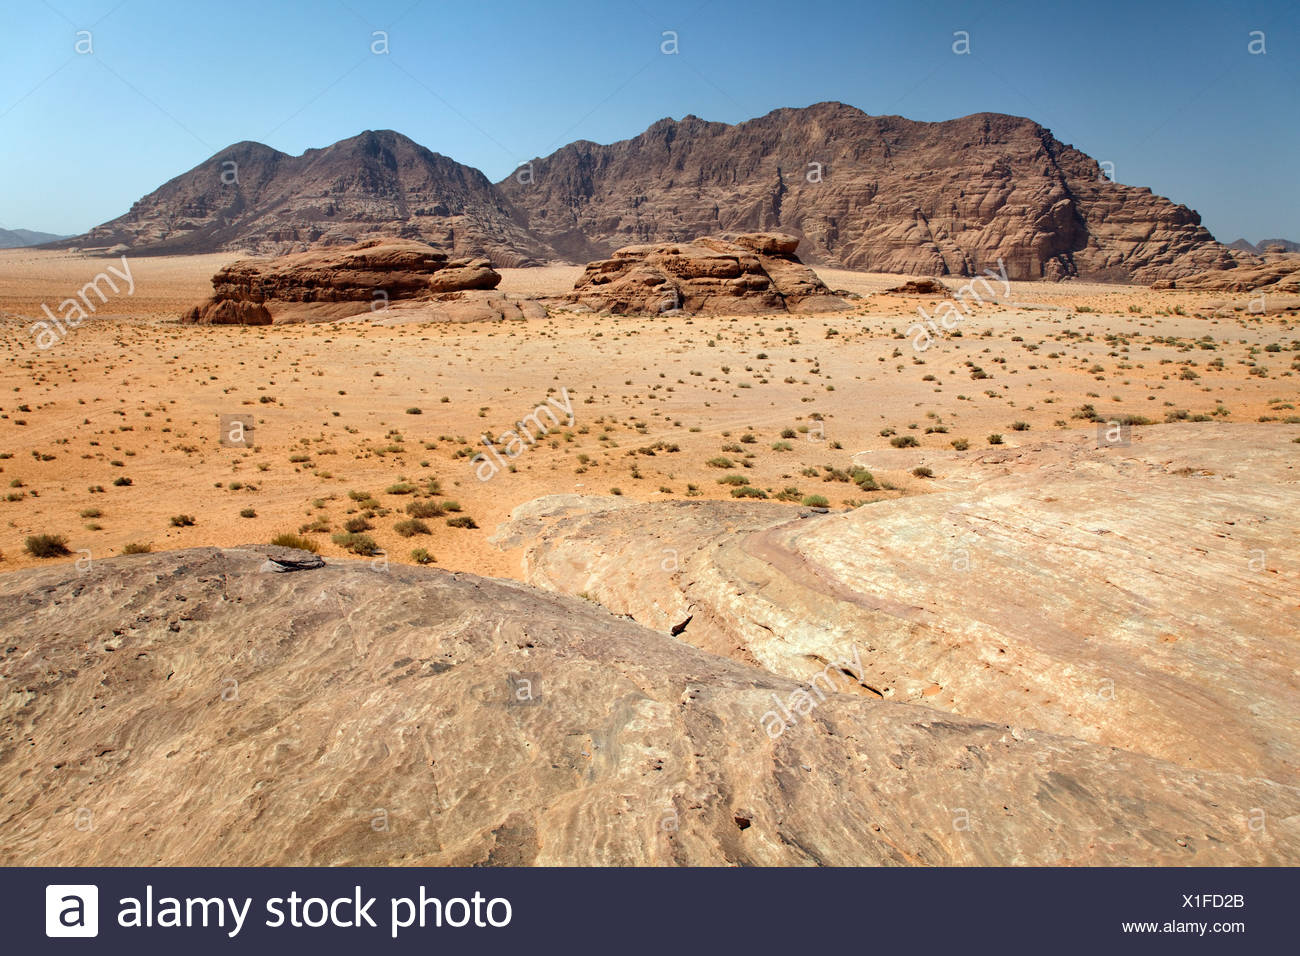 Amplia llanura, desiertos, montañas, Wadi Rum, Reino Hachemita de Jordania, Oriente Medio, Asia Foto de stock